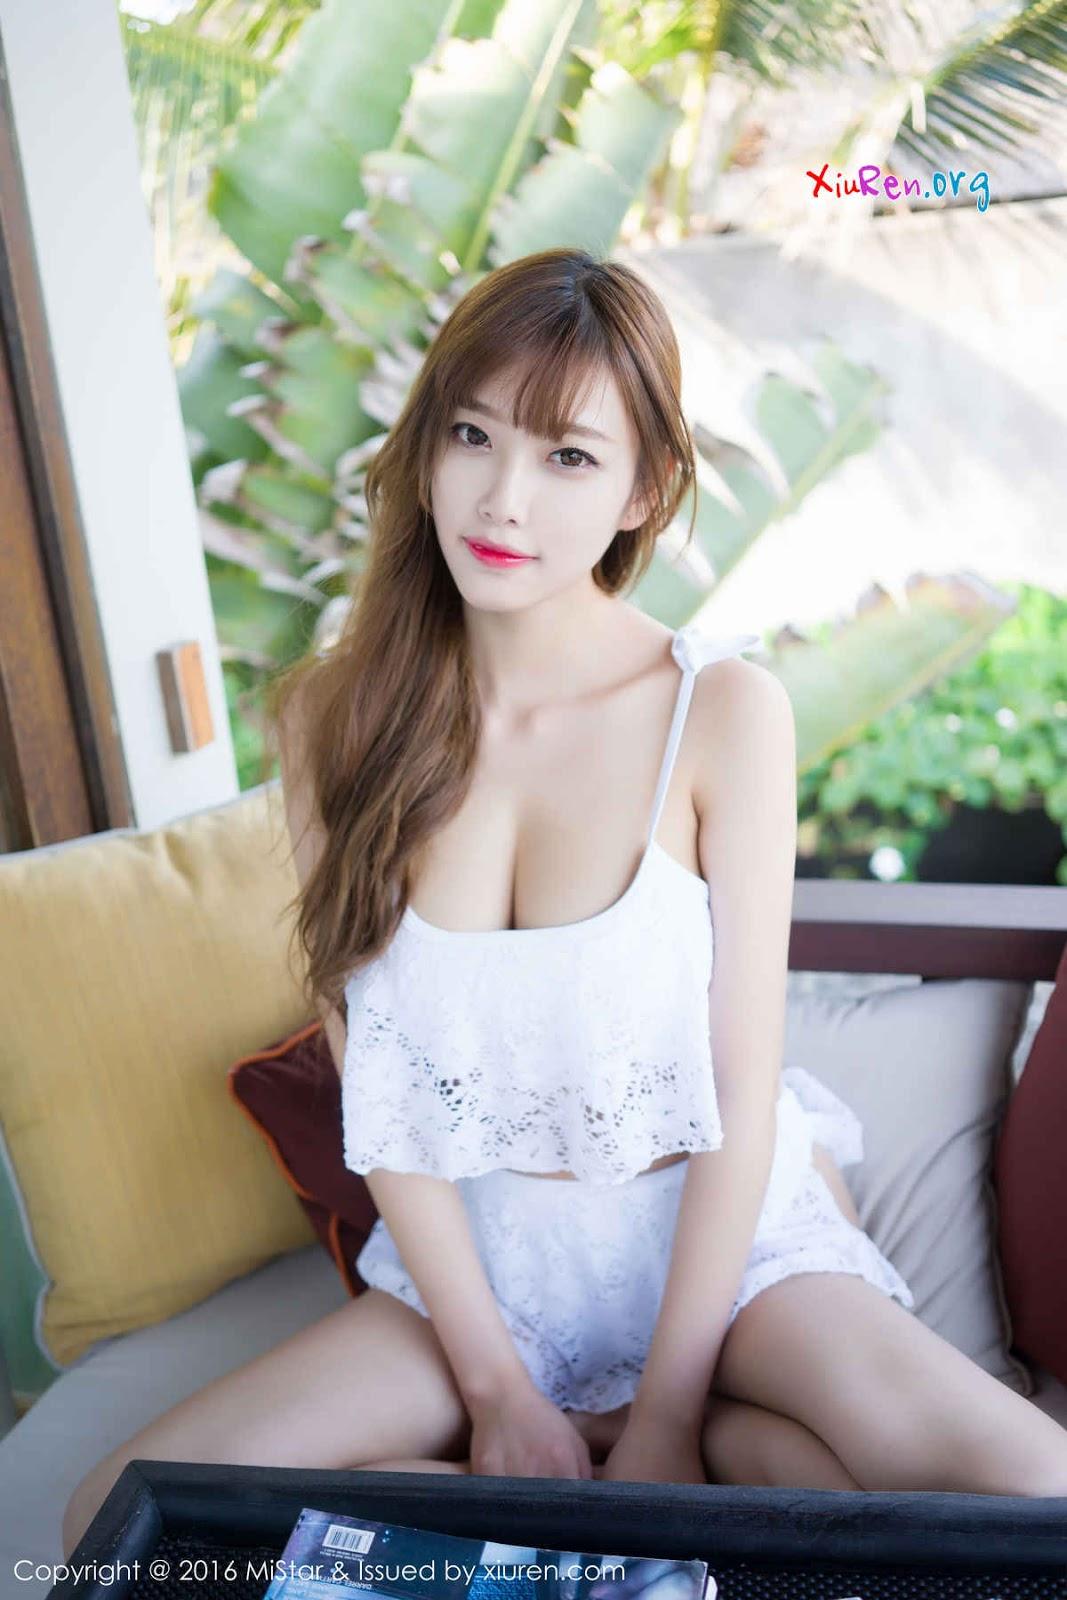 Gái xinh trắng đẹp gợi cảm - em thích khoe hàng